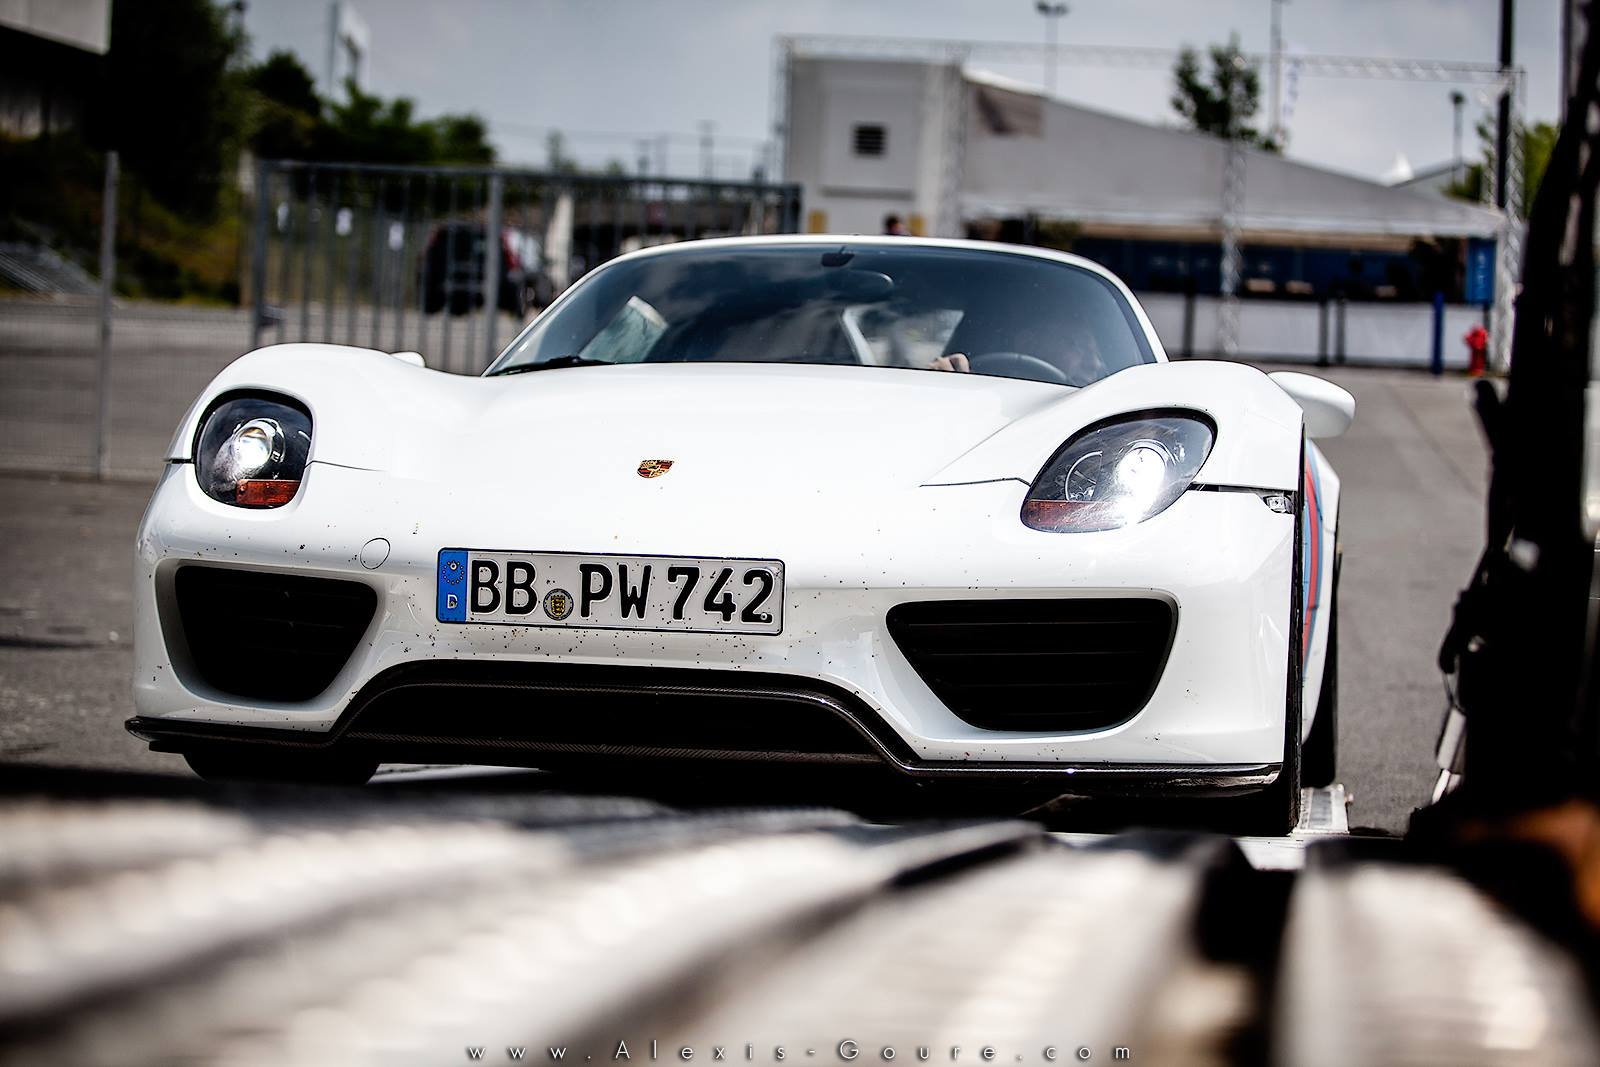 Porsche 918 Le Mans Bugatti - Porsche France - Alexis Goure Photographe